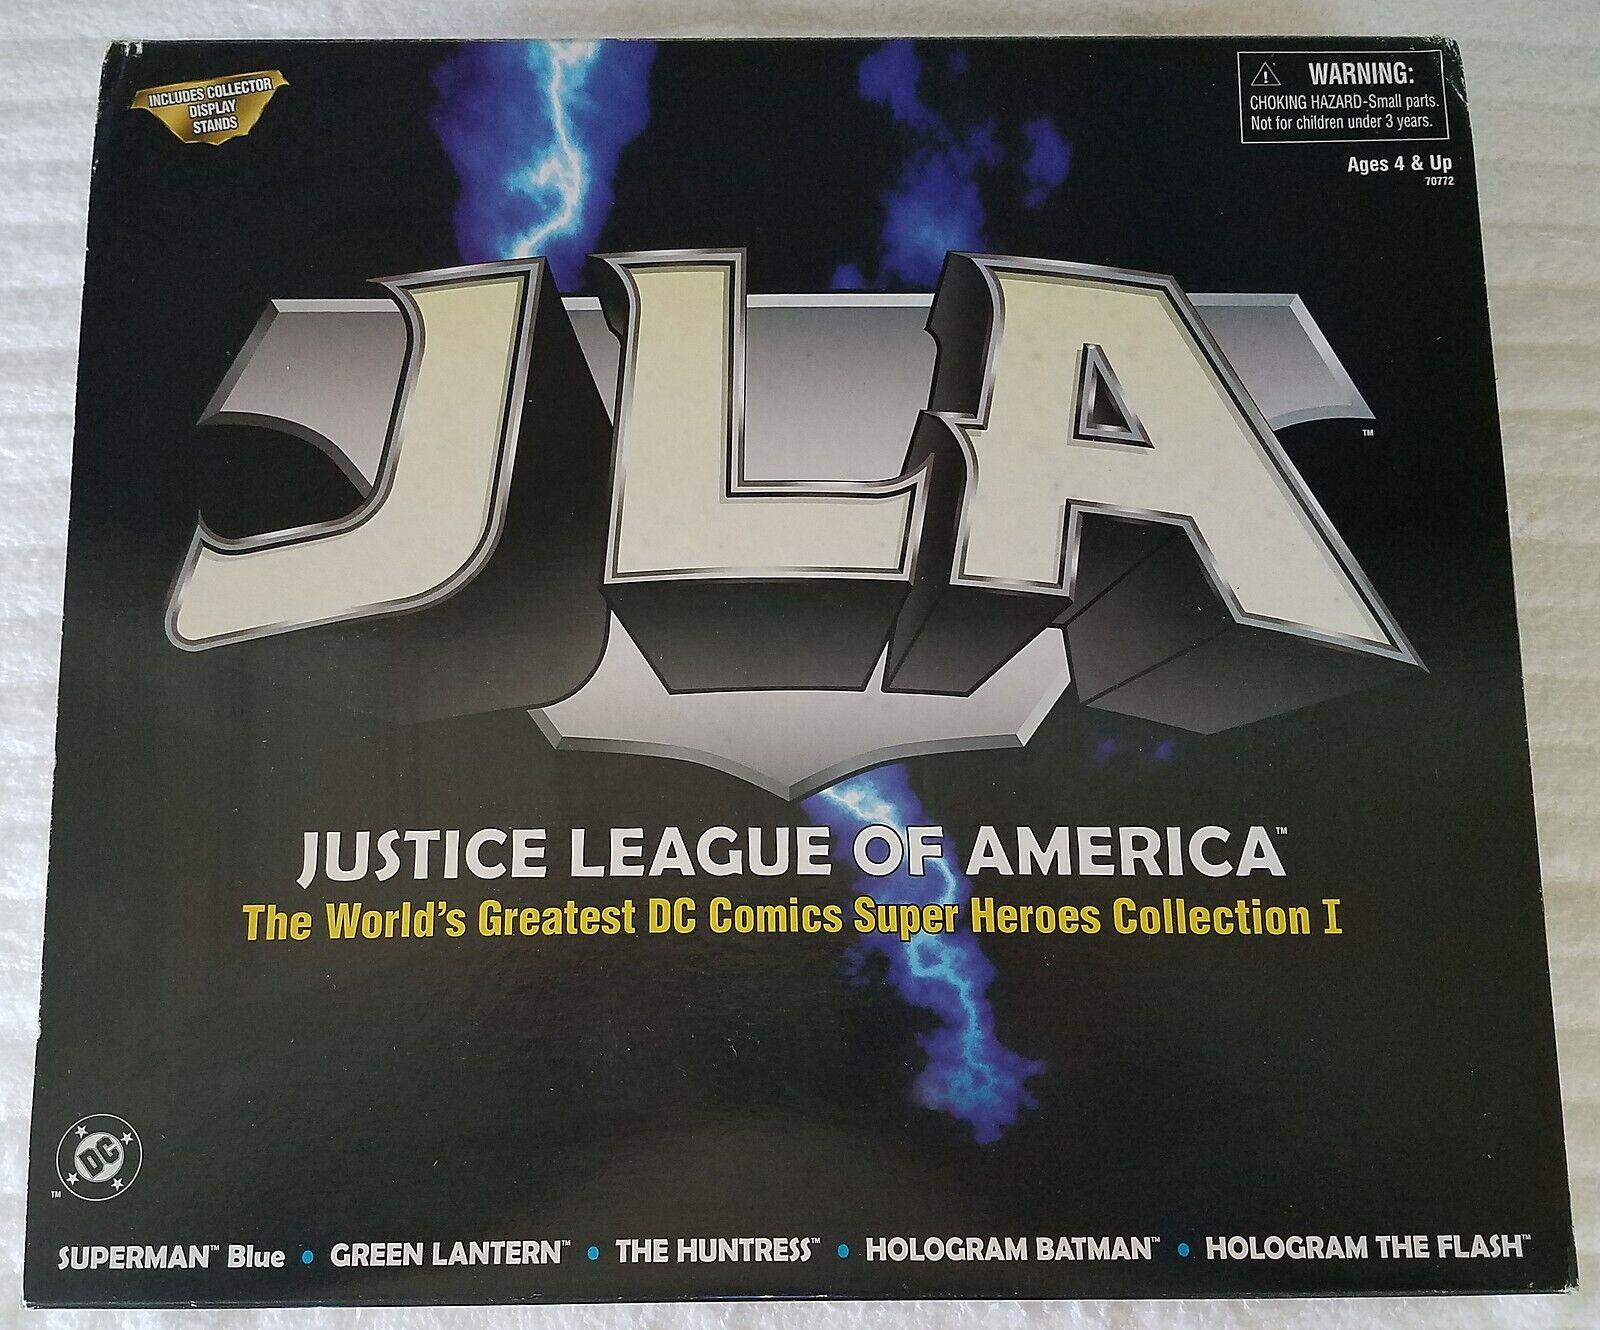 Justice League of America colección que con la Liga de la justicia de América coleccionista expositores